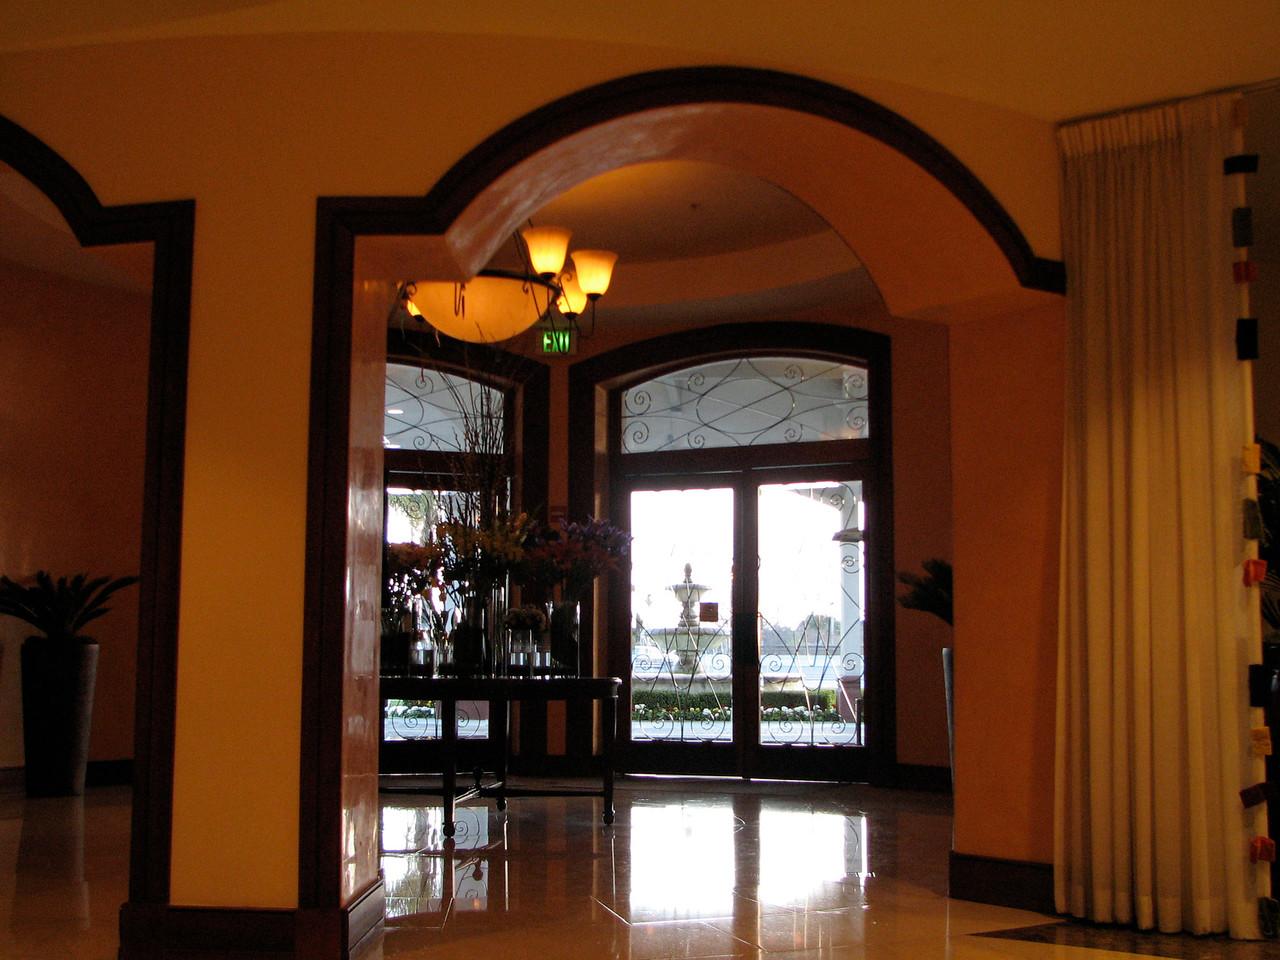 2007 02 18 Sun - San Mateo Marriott lobby 2